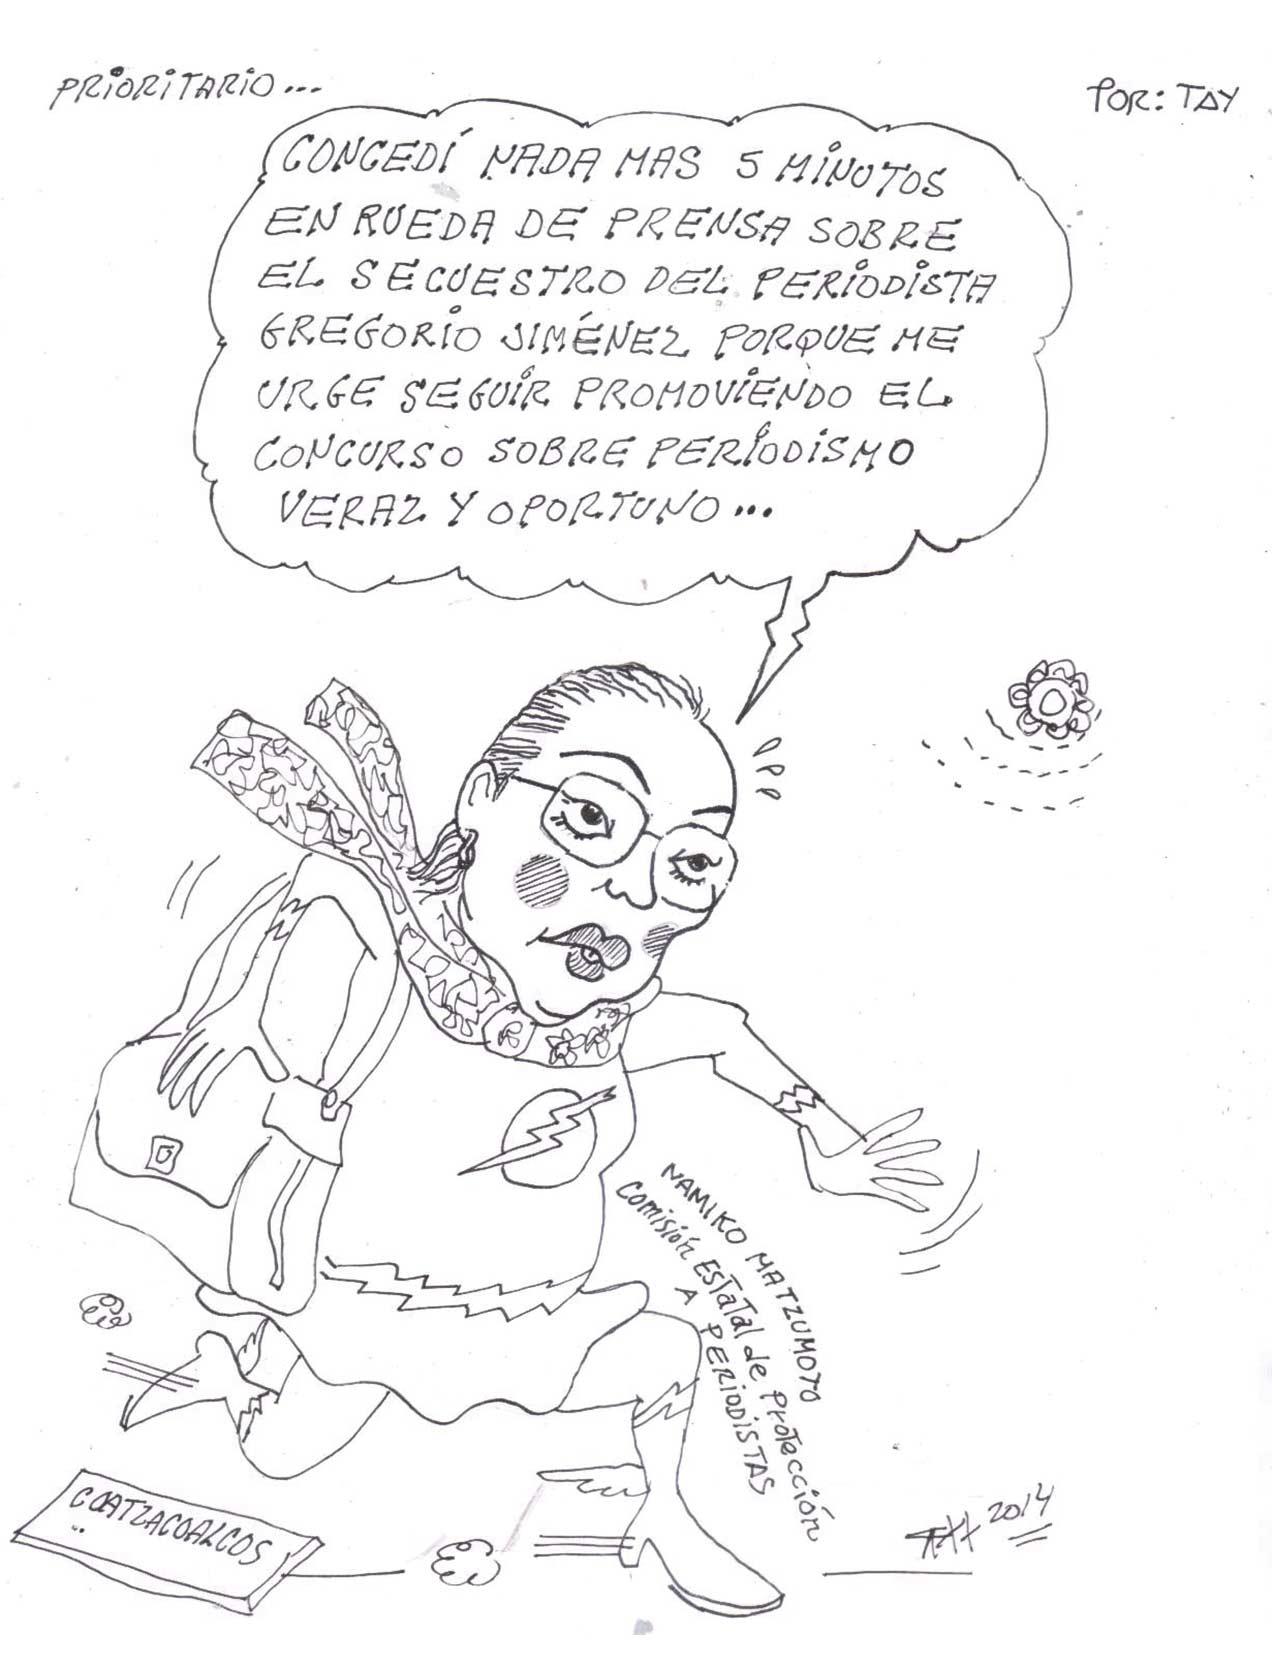 TAY caricatura-(6-feb-13)-prioritario.jpg